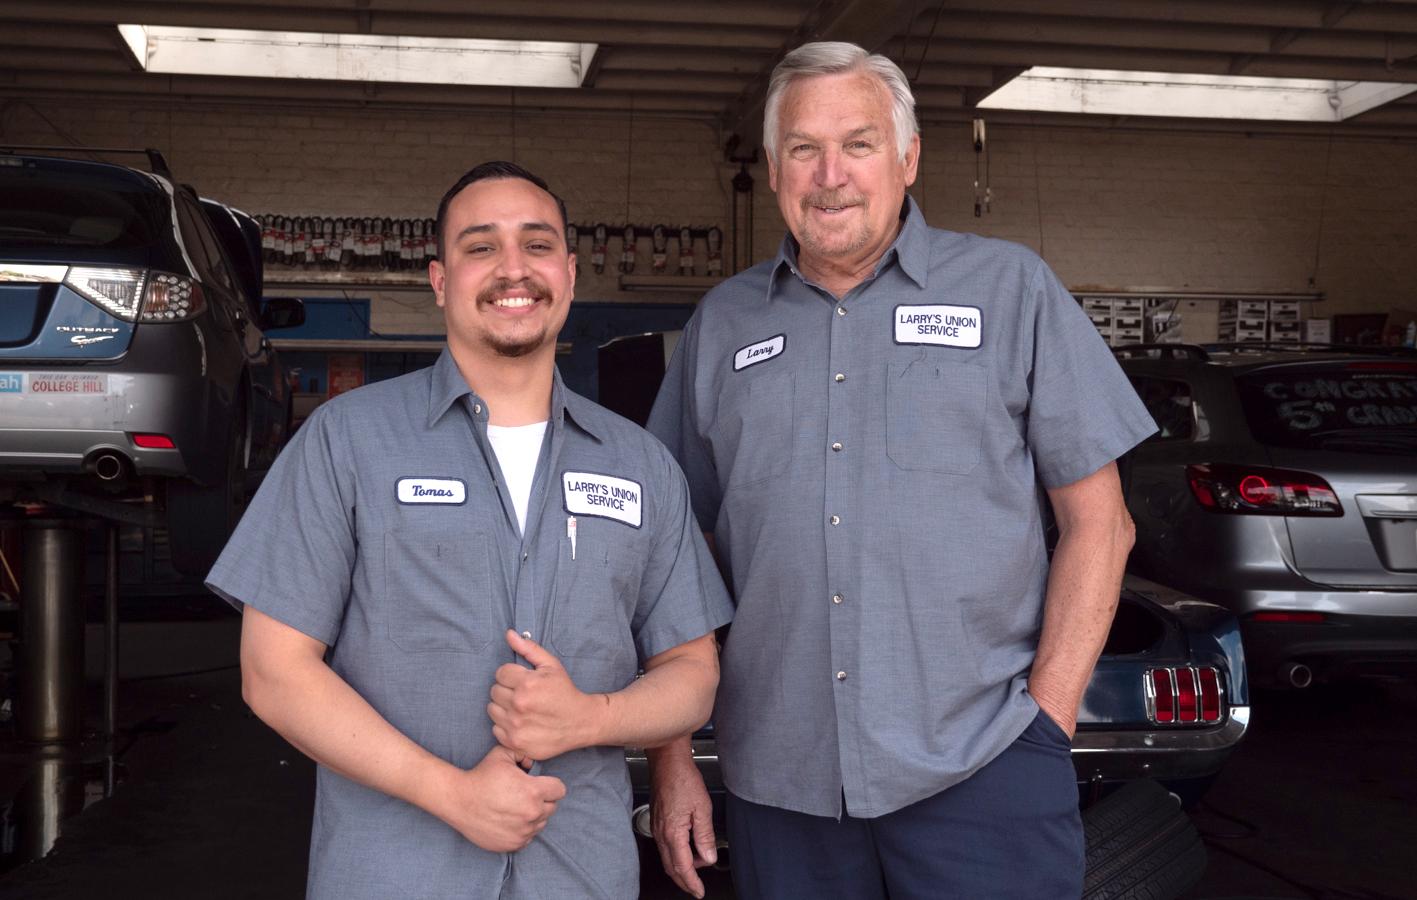 south-pasadena-news-06-21-2021-business-larrys-auto-union-repair-shop-car-amp-04